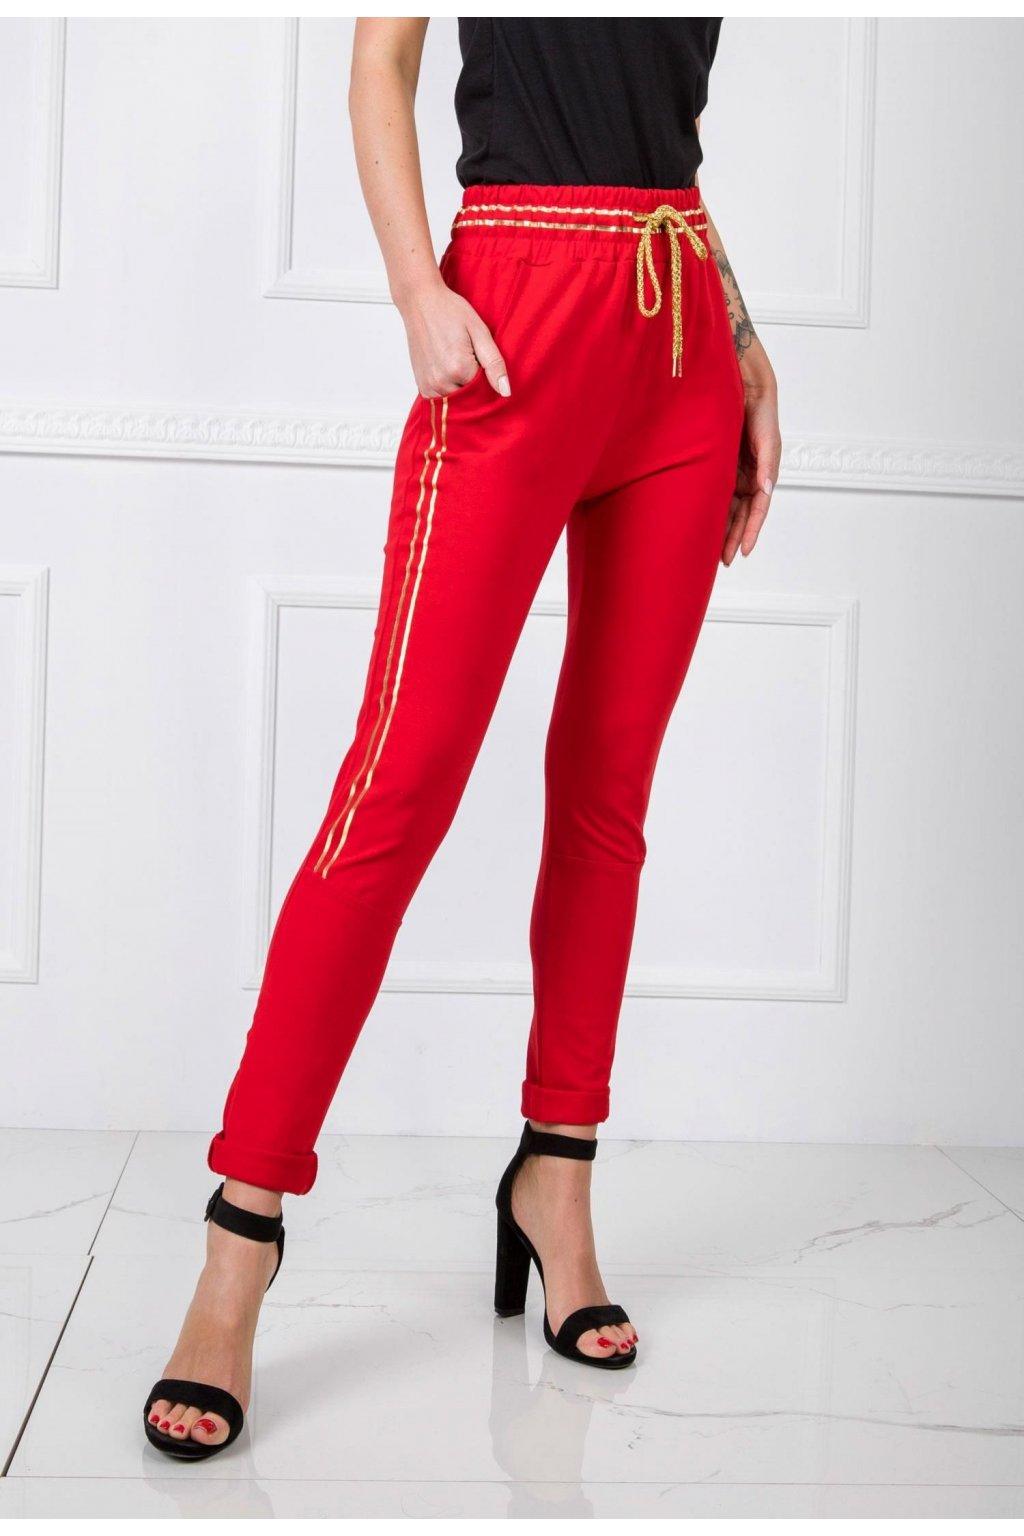 Piros női melegítőnadrág